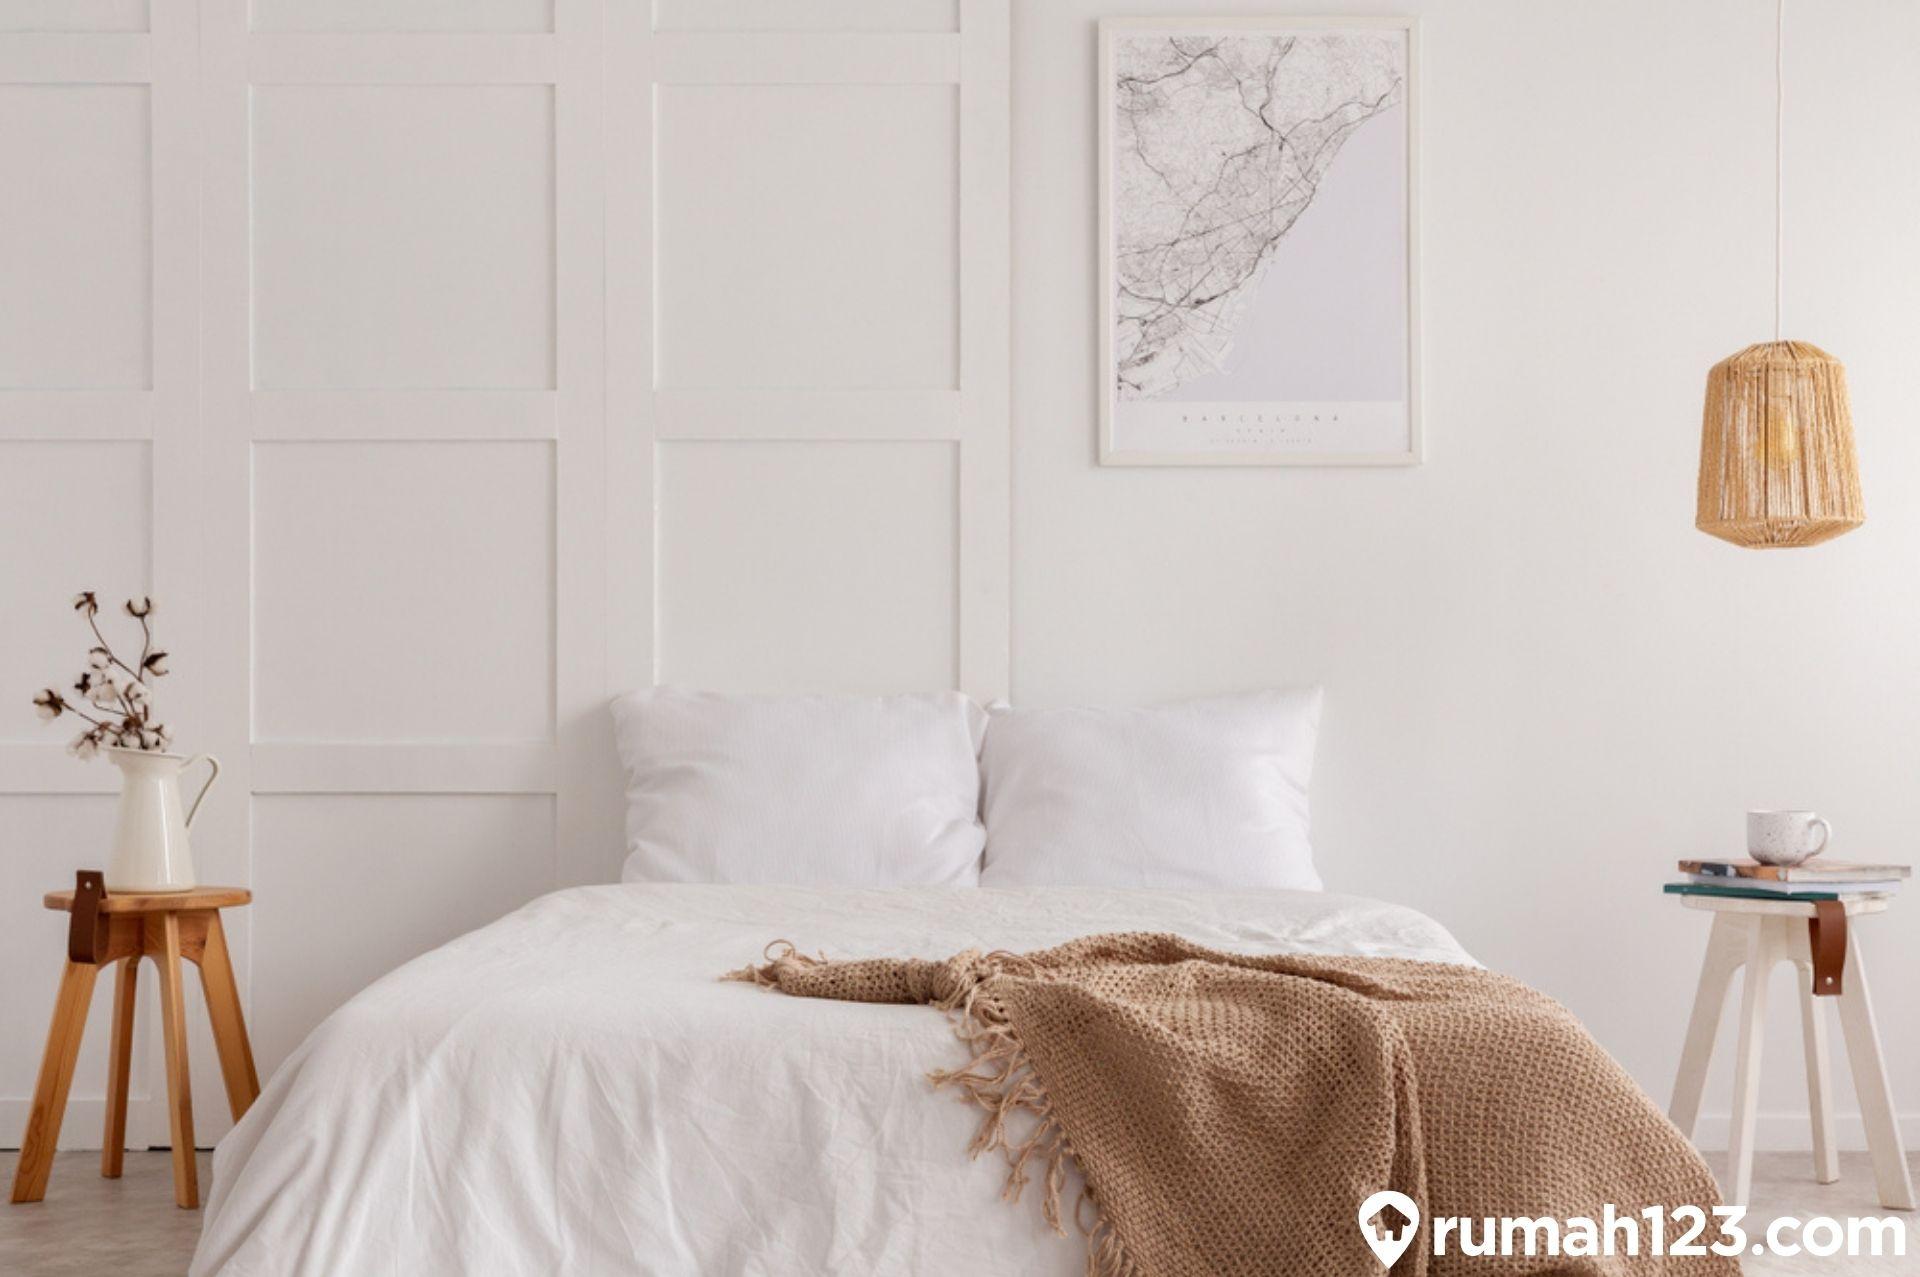 9 Inspirasi Kamar Tidur Sederhana yang Gampang untuk Dicontoh